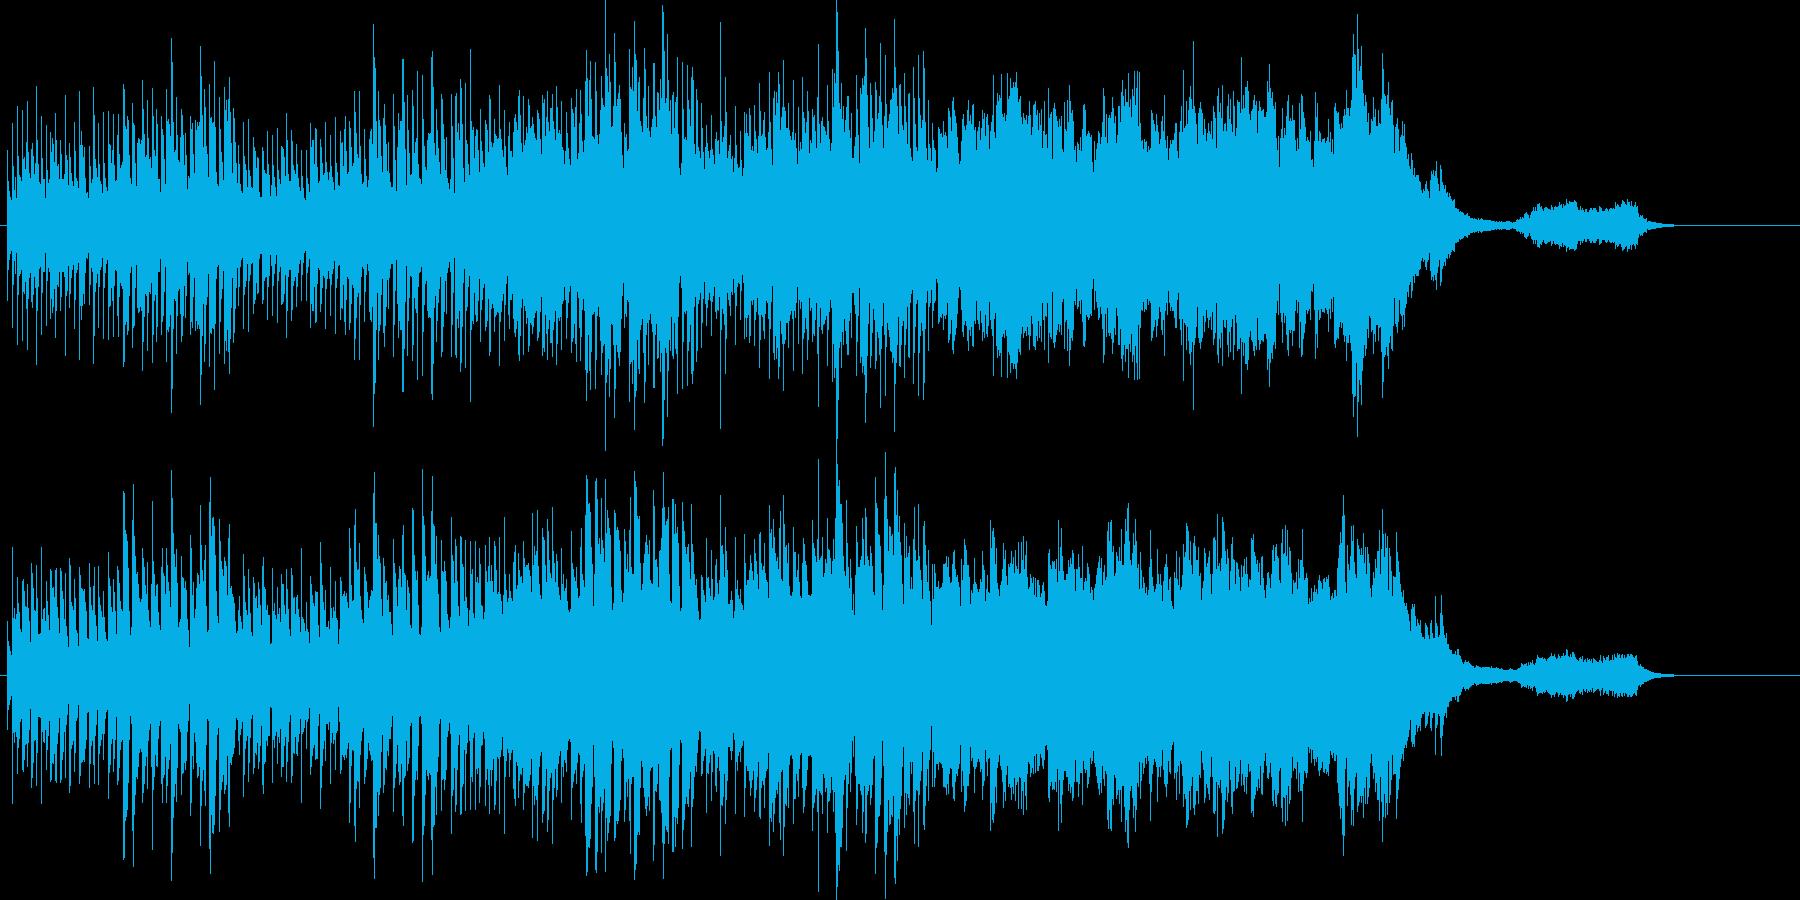 シリアスで事件の香りのするBGMの再生済みの波形